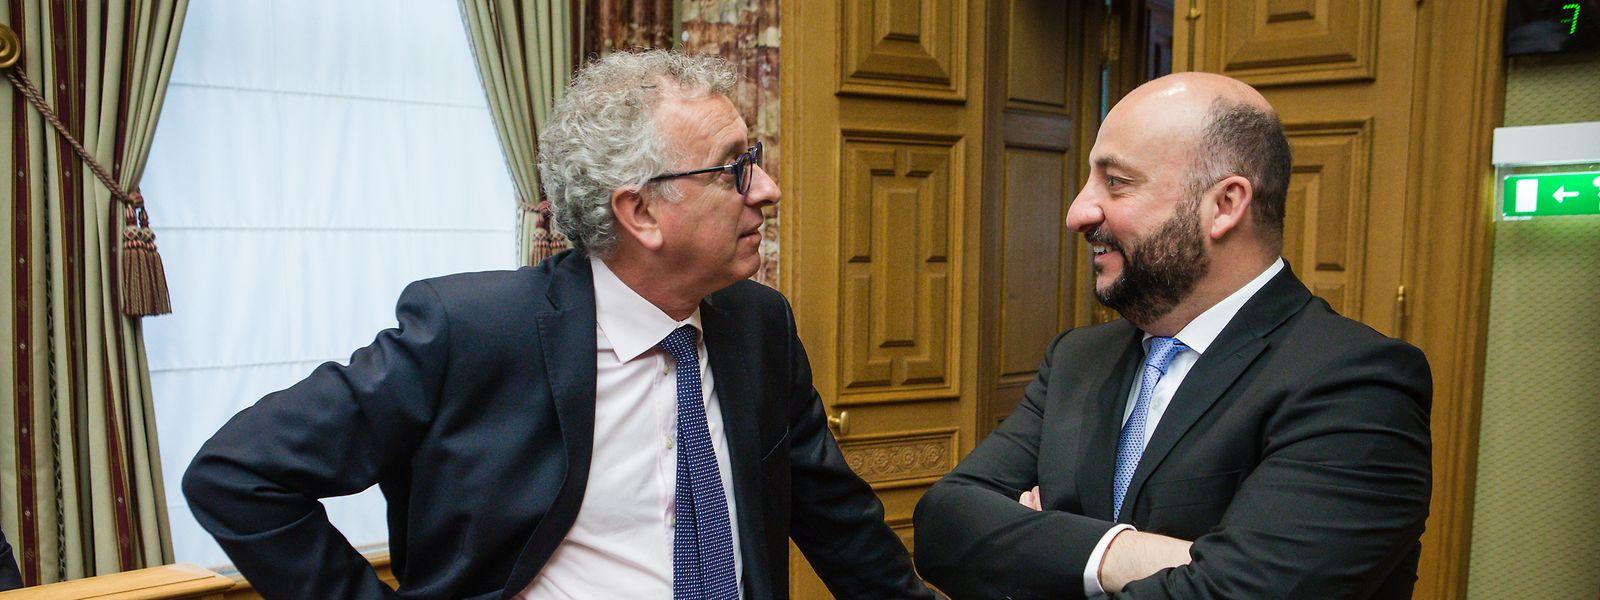 Ici en discussion avec le ministre des Finances, Etienne Schneider s'est félicité de la croissance et de la baisse du chômage